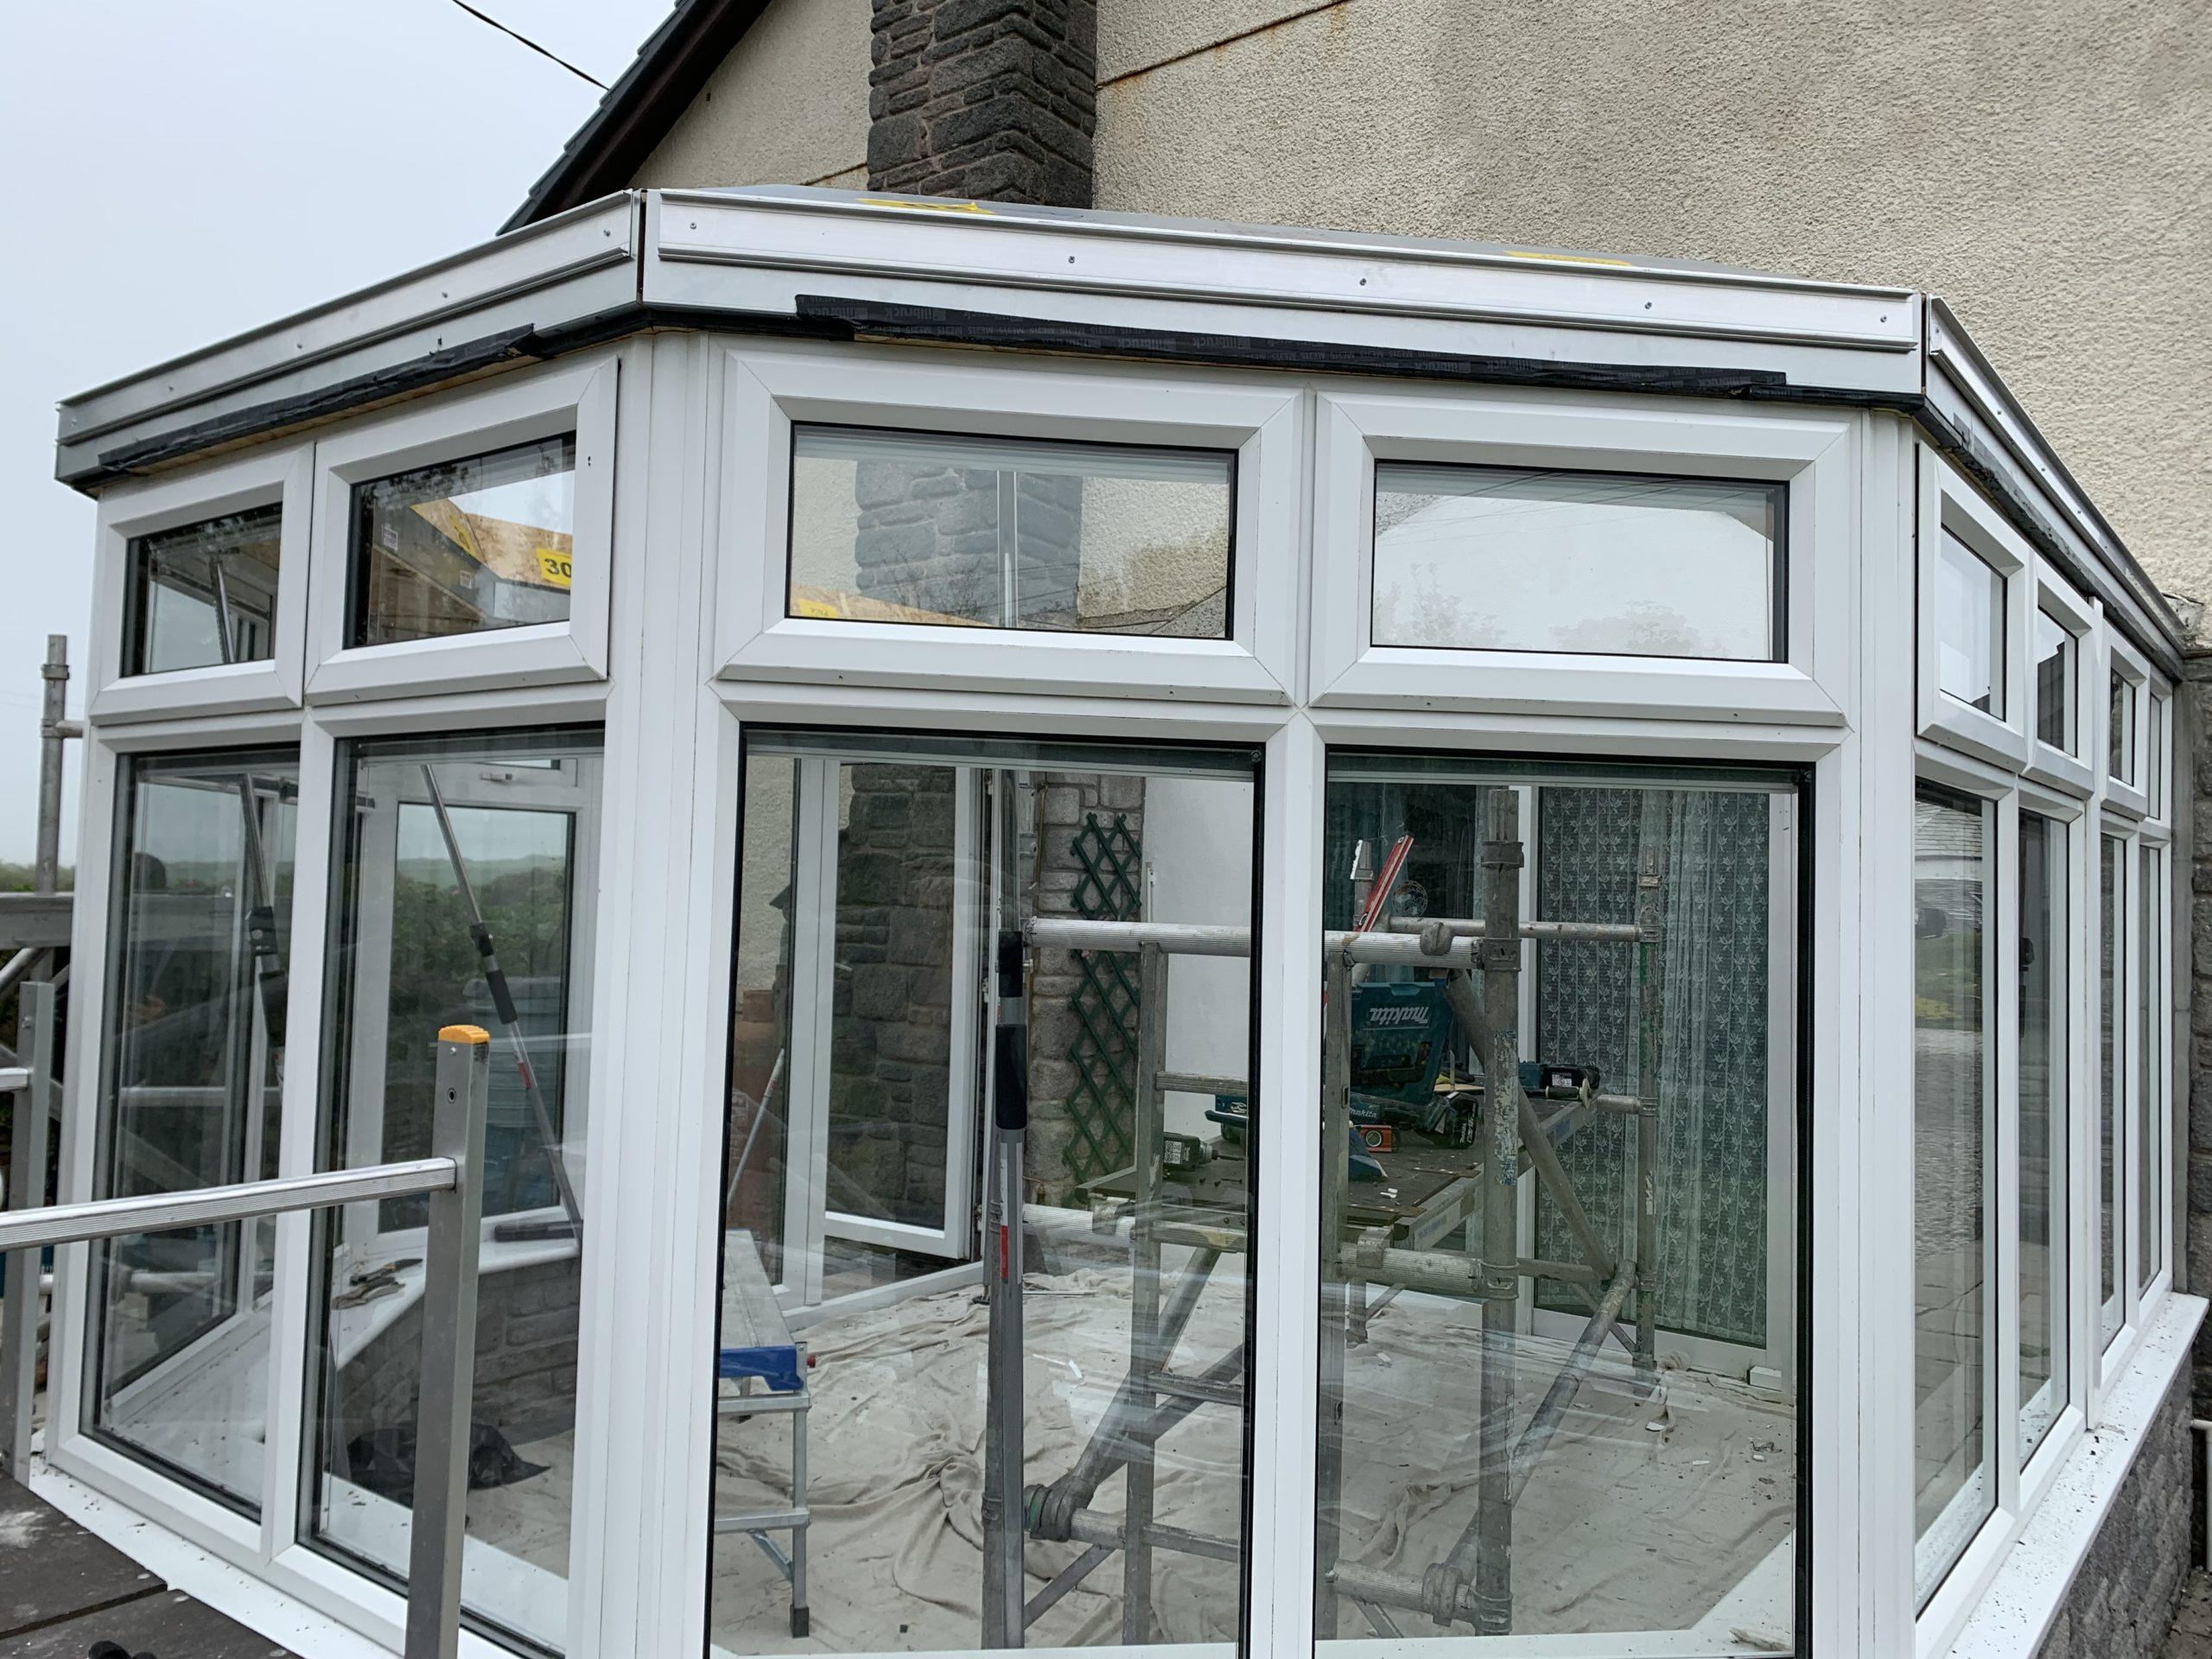 Ultraroof eaves beams installed